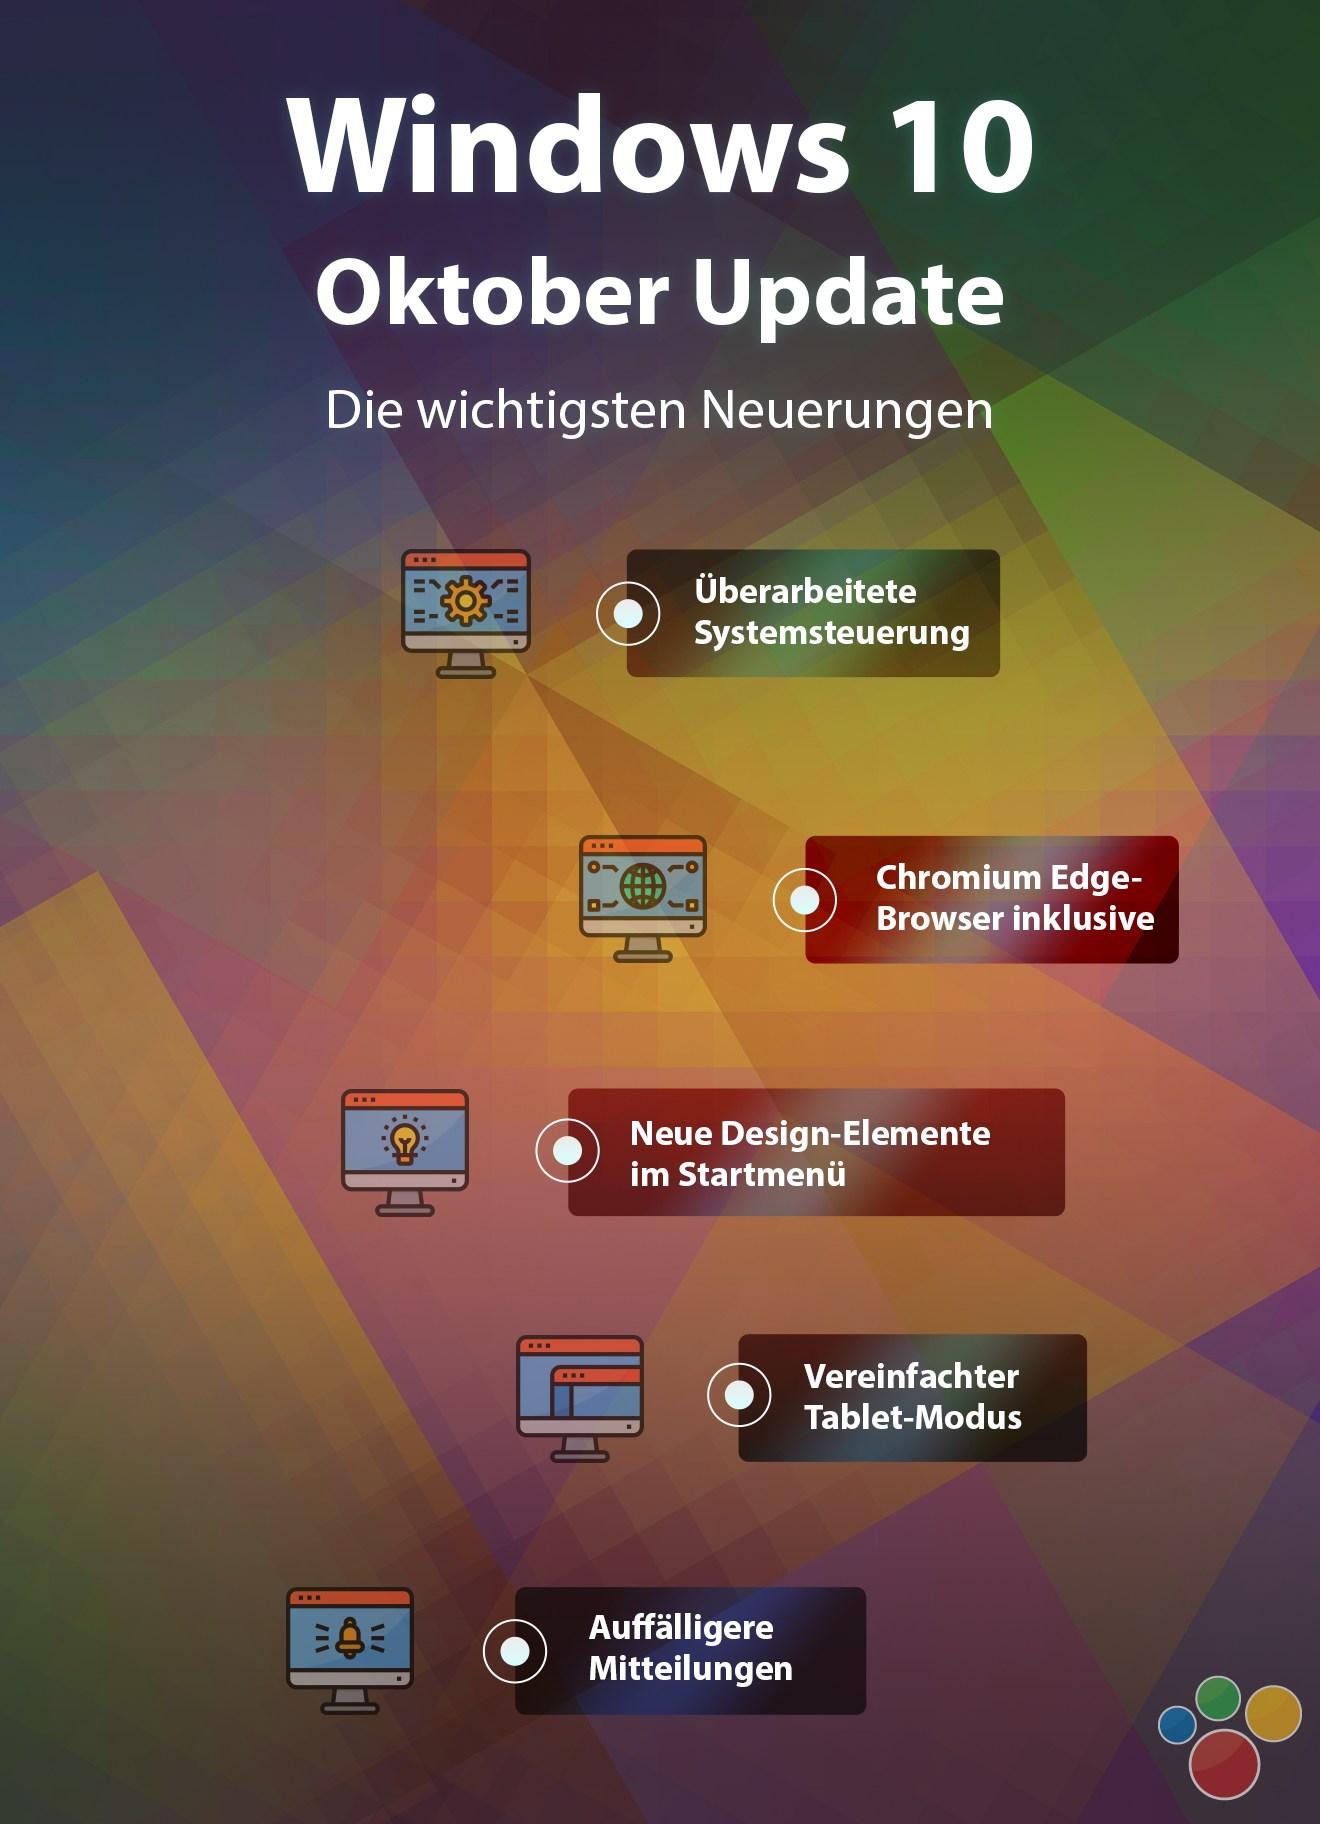 Windows 10 Oktober 2020 Update: Die wichtigsten Neuerungen